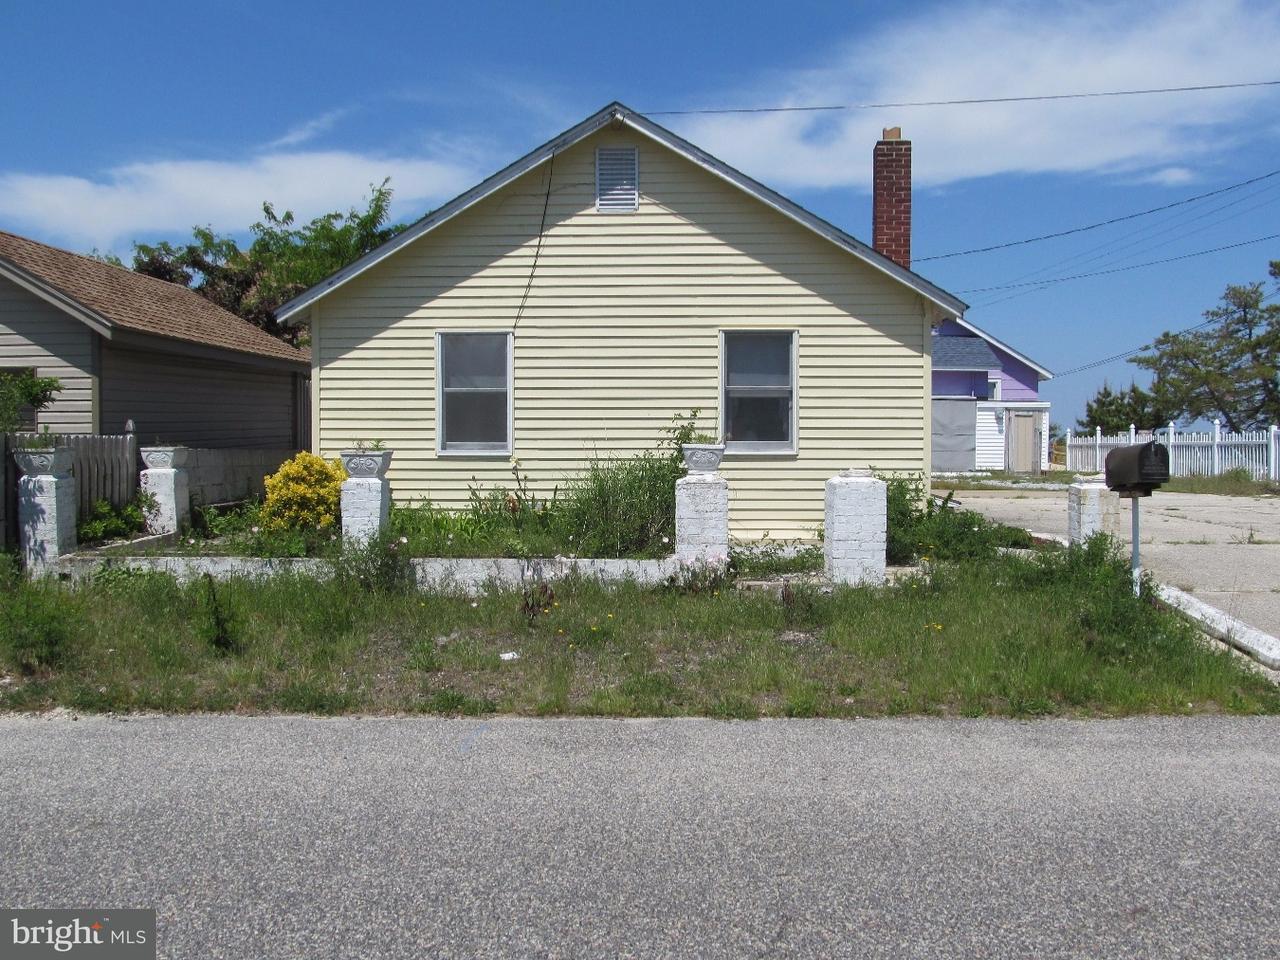 Частный односемейный дом для того Продажа на 200B MILLMAN LN #B Villas, Нью-Джерси 08251 Соединенные Штаты